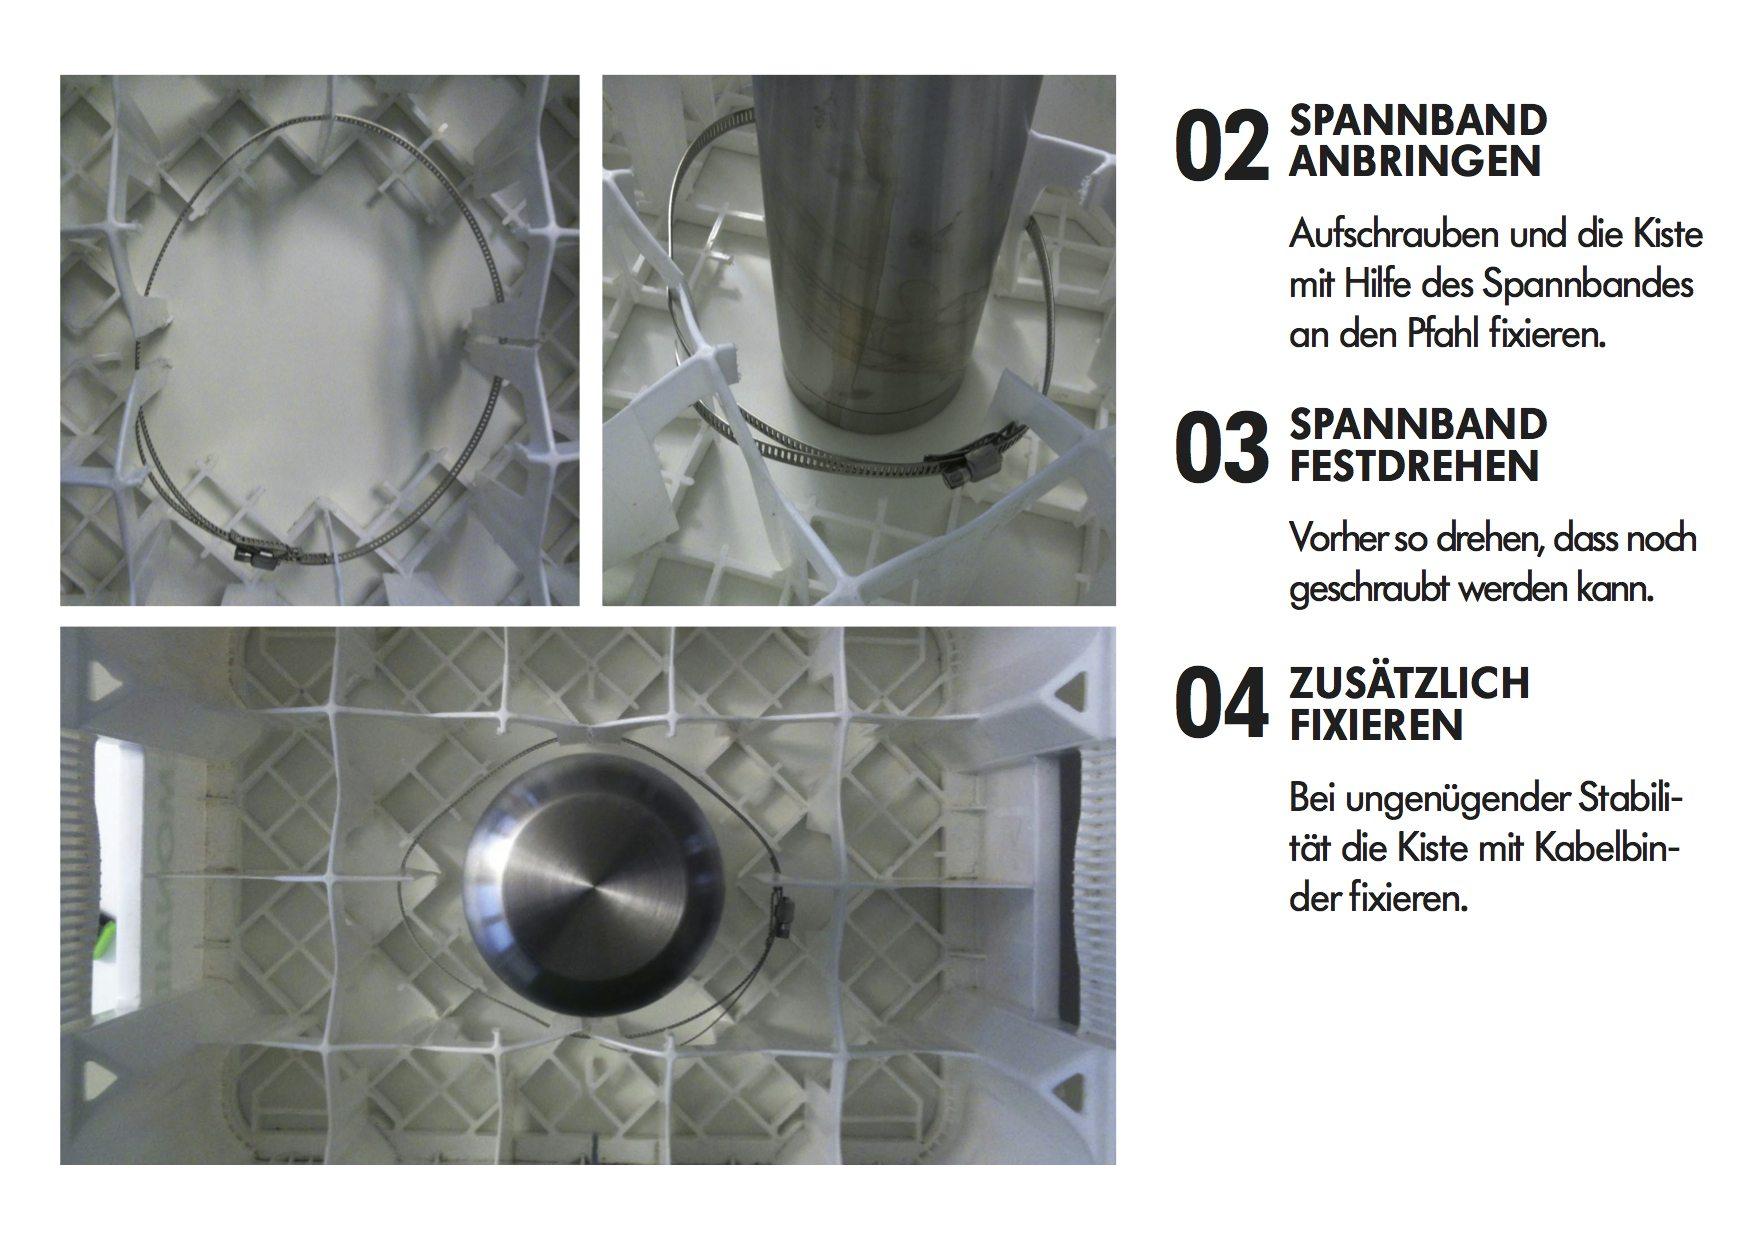 Pfandkisten-Bauanleitung_6